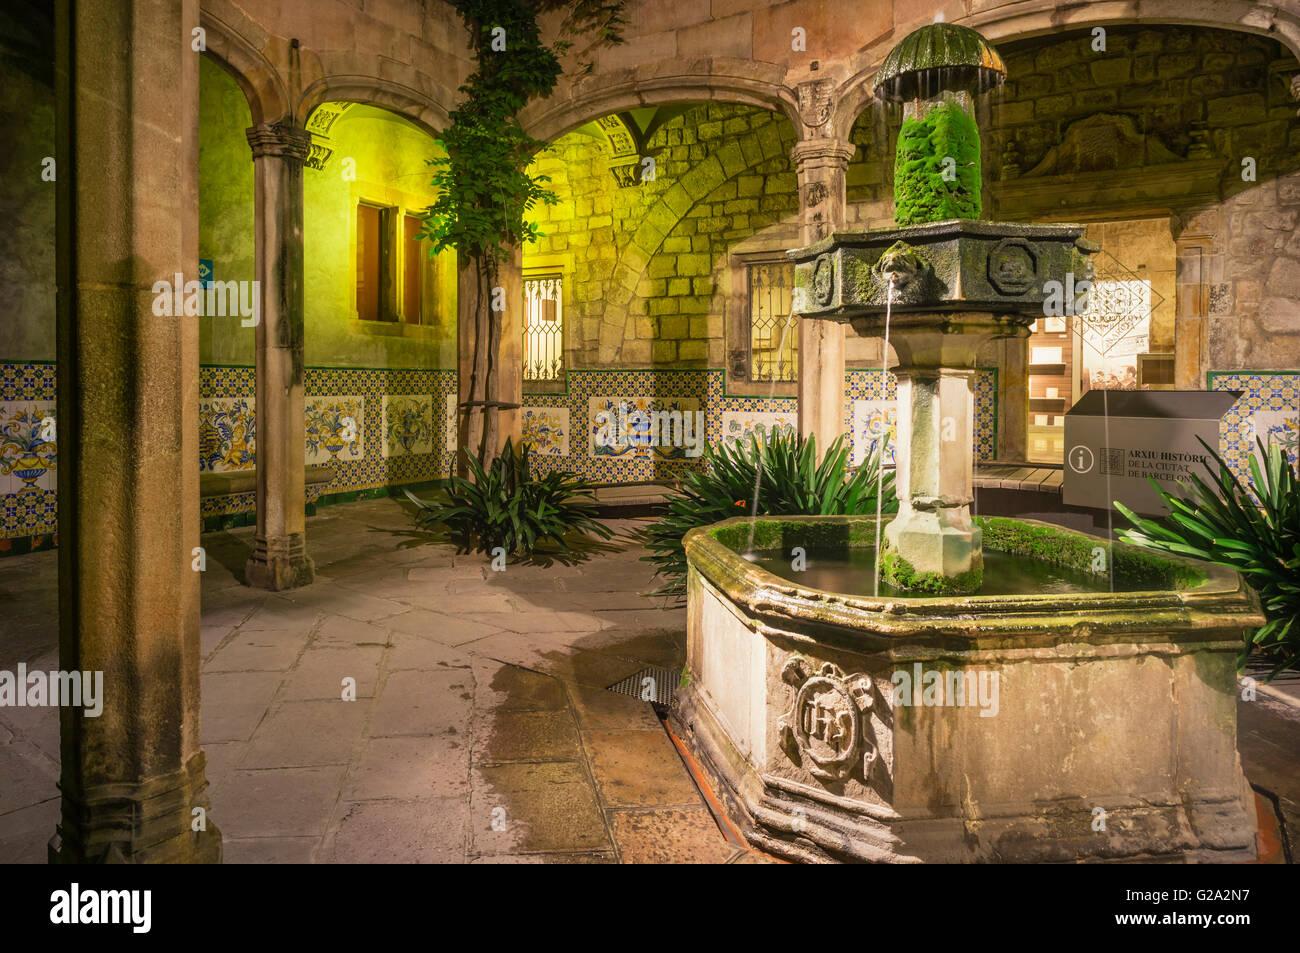 Arxiu Històric de la Ciutat de Barcelona, archives historiques de la ville de Barcelone, sur la Cour de l'Archidiacre's Photo Stock